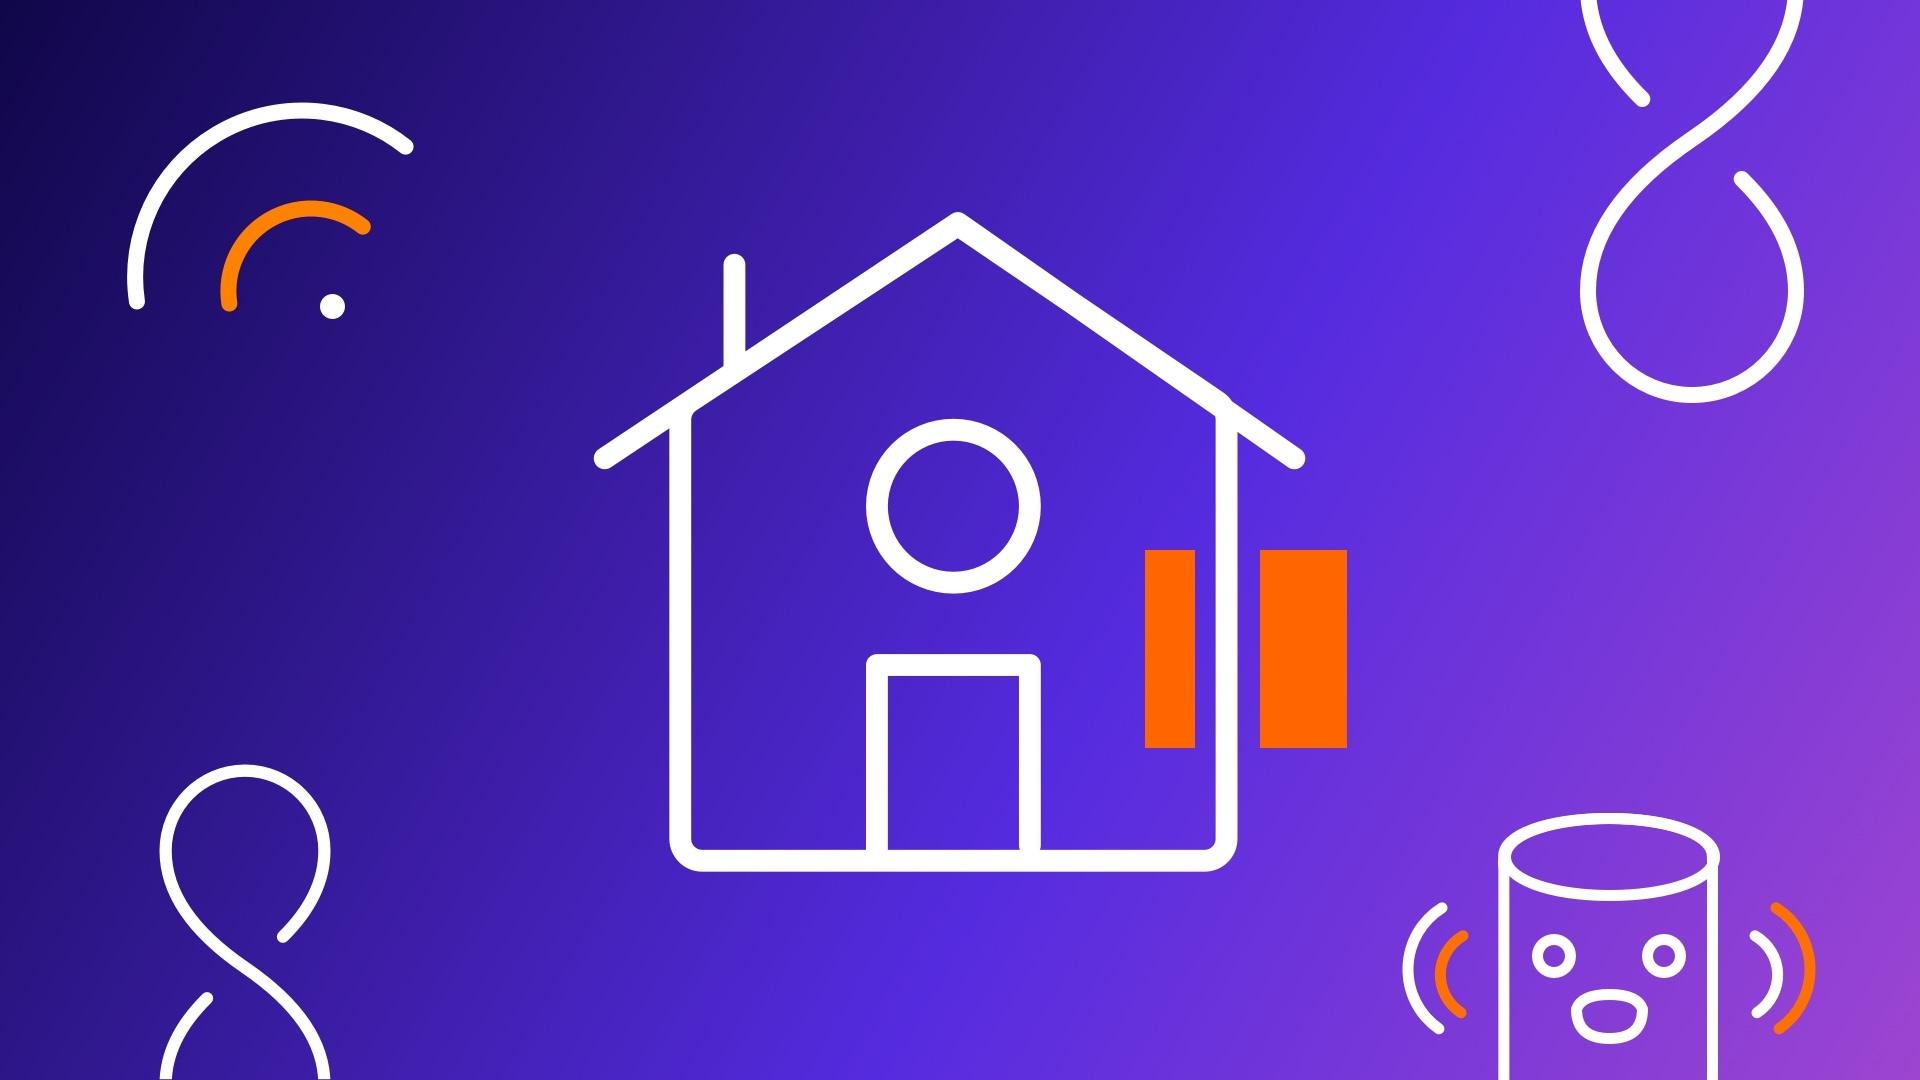 Frandroid développe son univers Maison Connectée en partenariat avec Orange